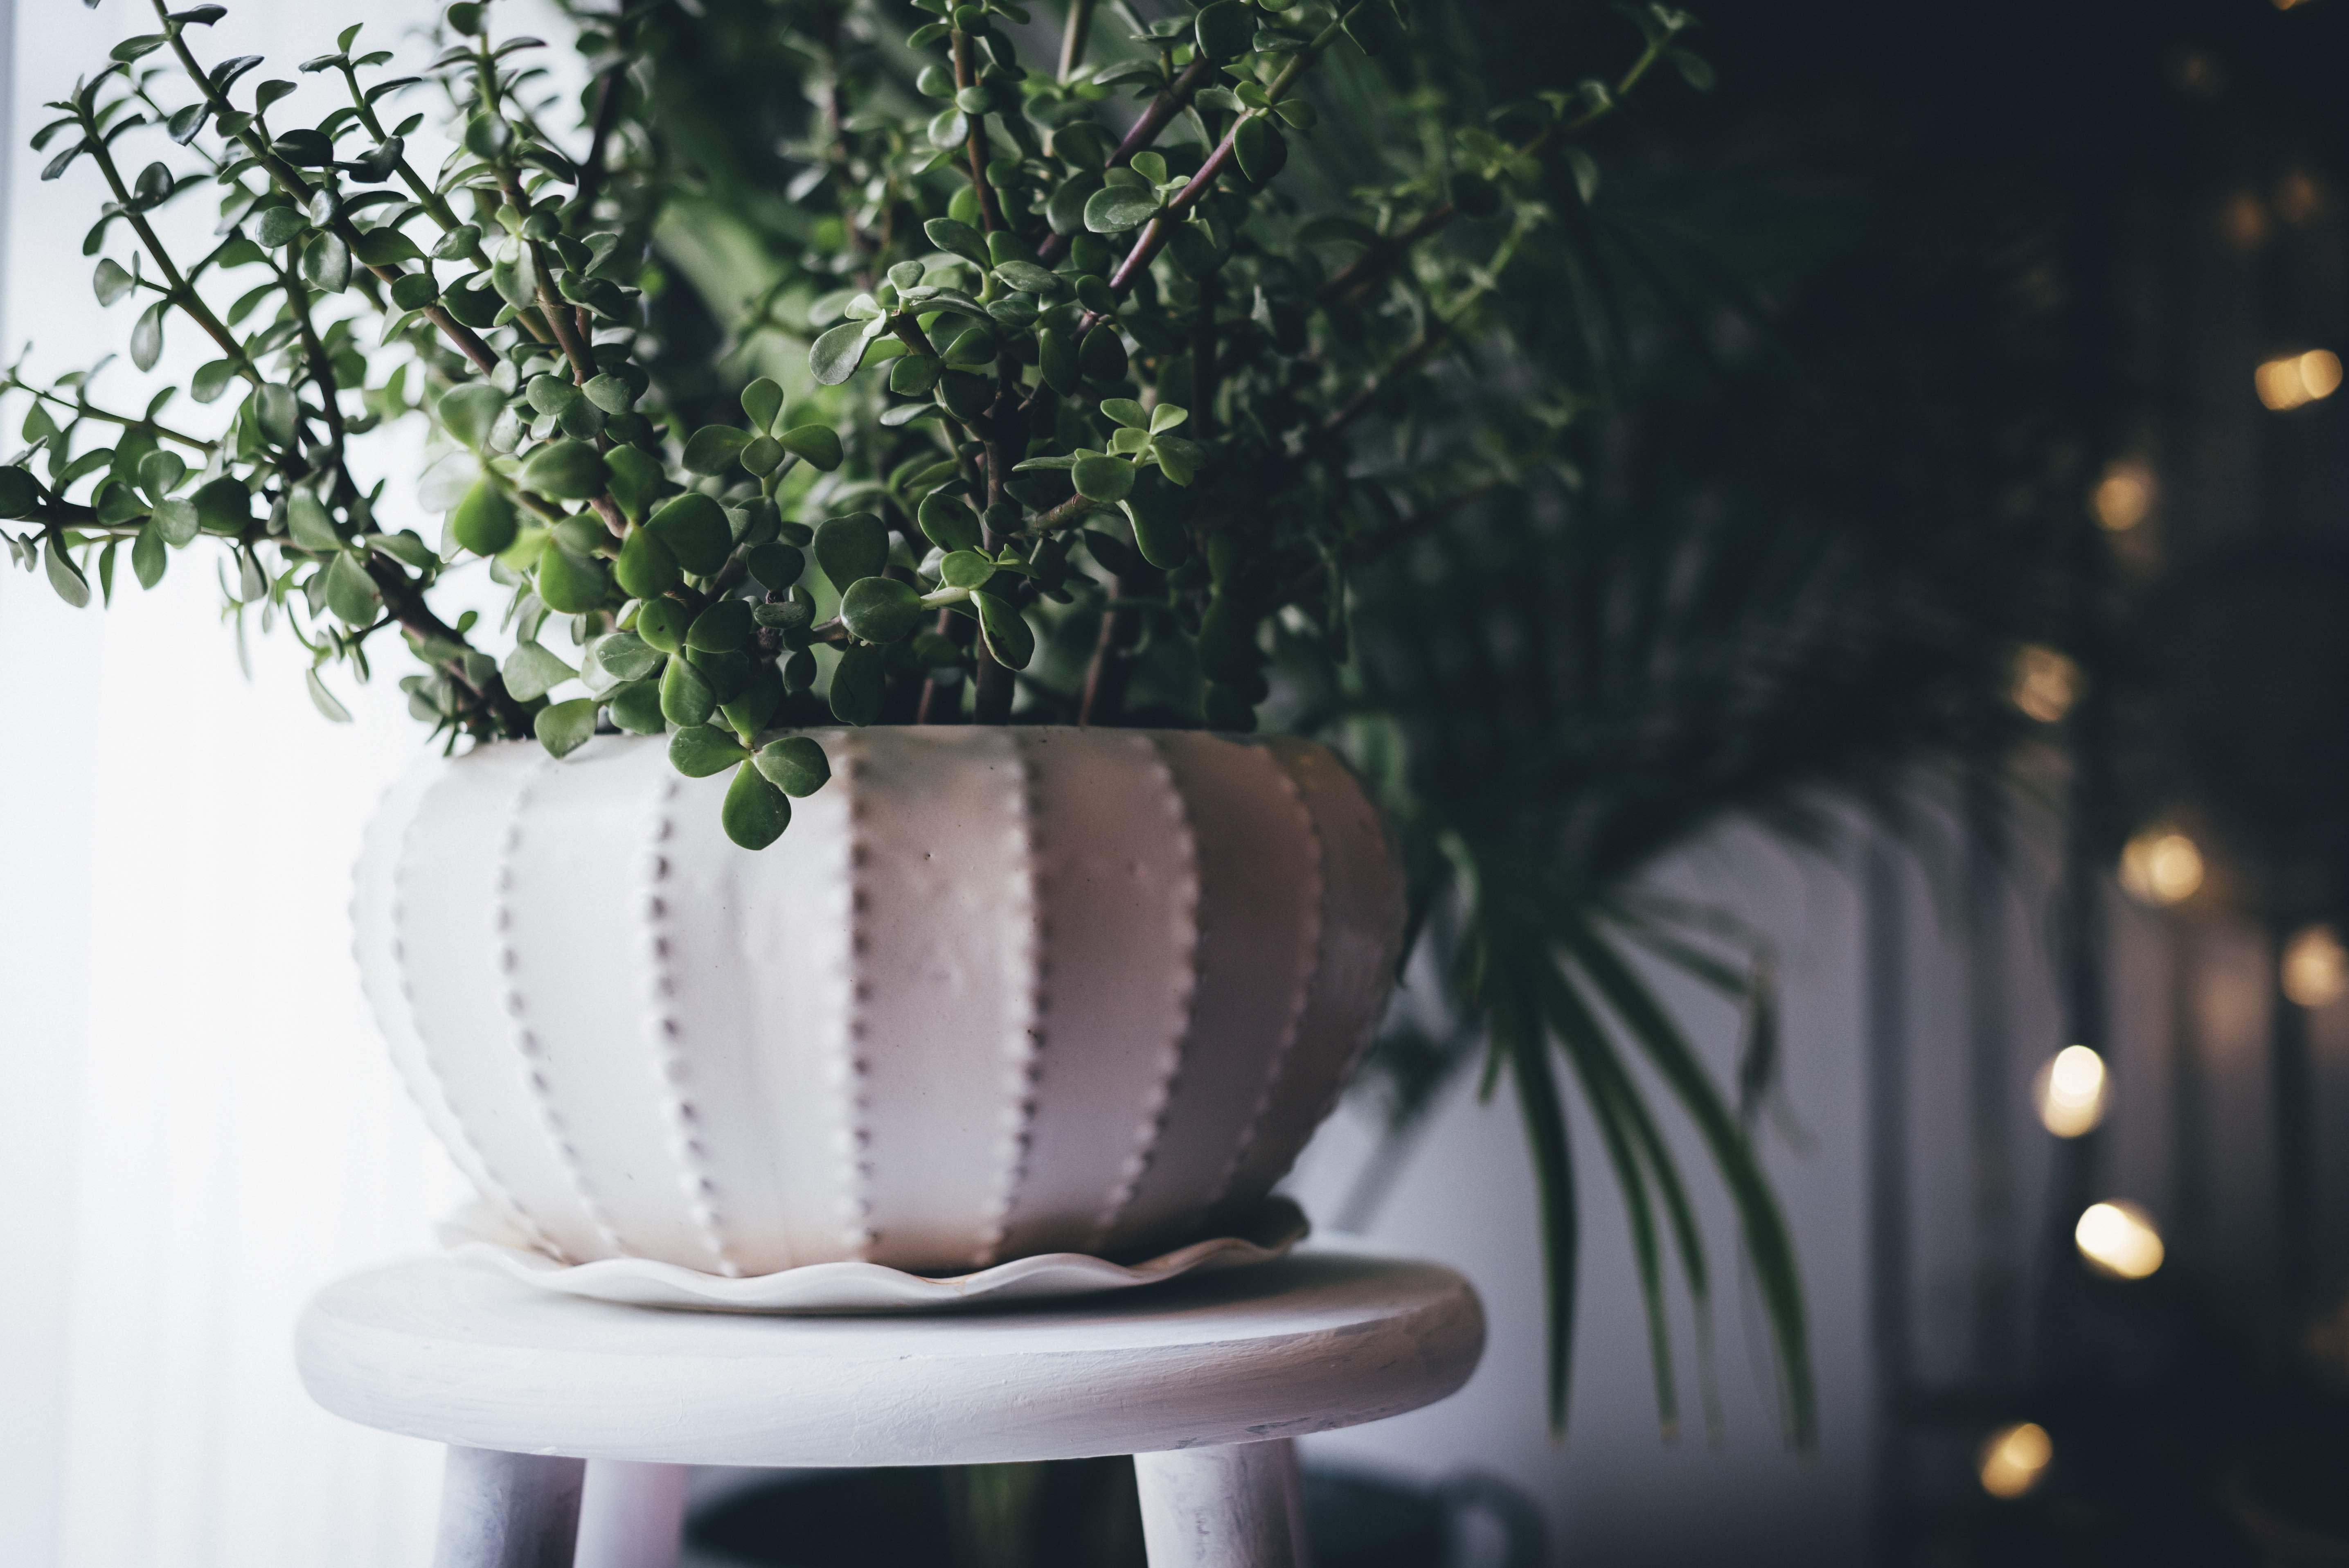 houseplant stock